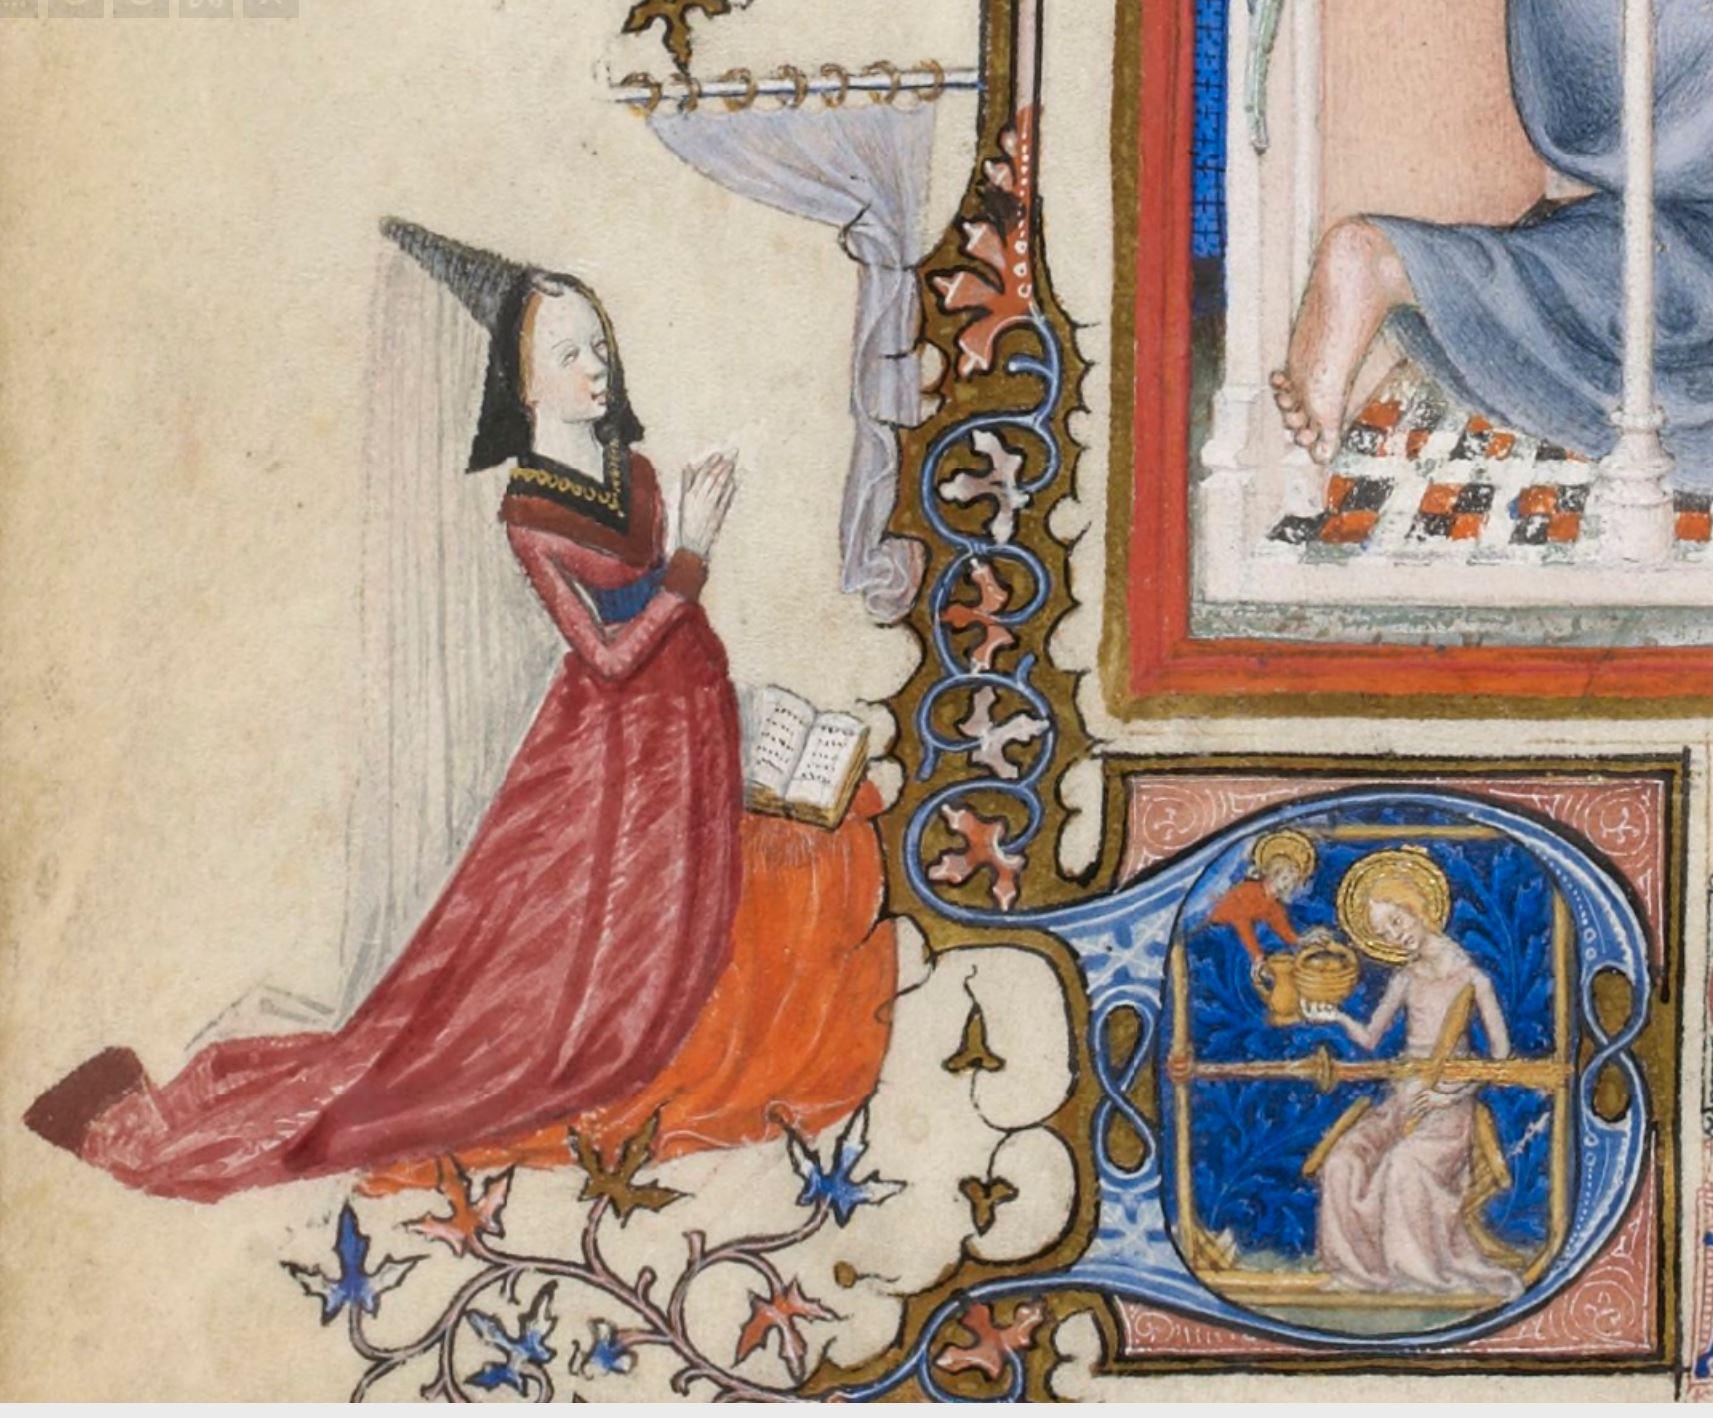 Master of the Parement de Narbonne, Annunciation, p. 2, Tres Belles Heures de Notre-Dame, c. 1390-1410. Paris, Bibliotheque Nationale de France, n.a. lat. 3093 detail